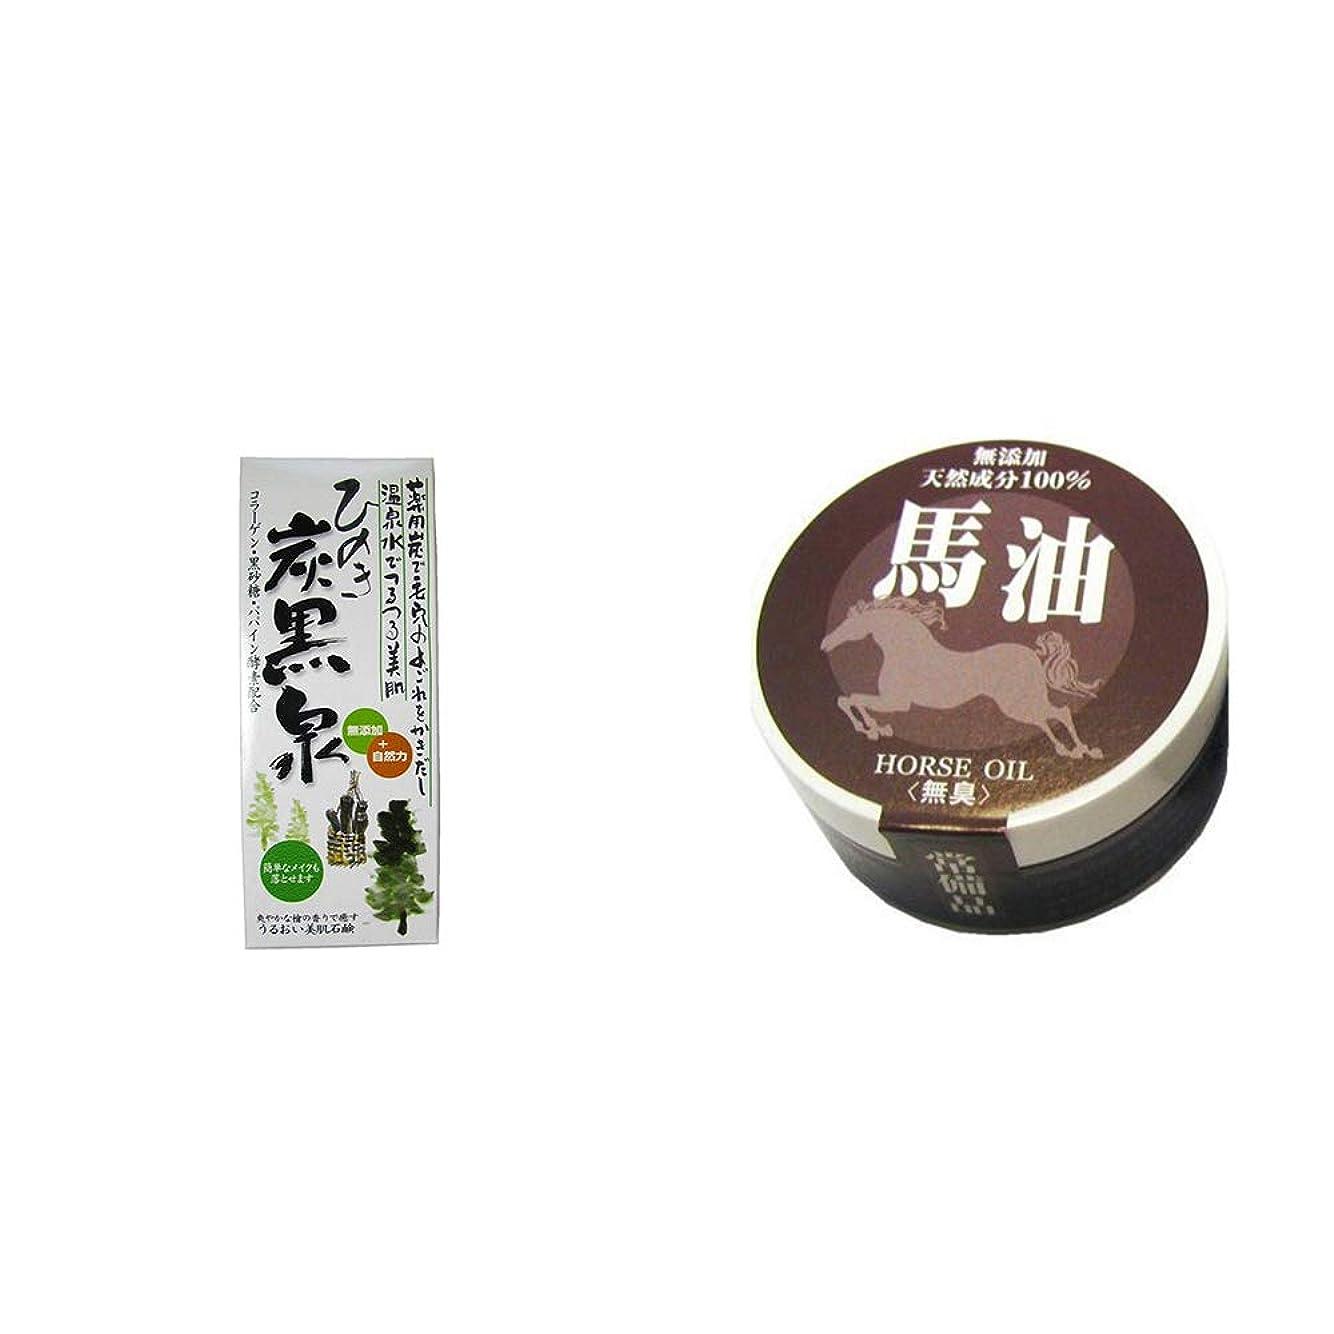 塩辛いアスリートシンカン[2点セット] ひのき炭黒泉 箱入り(75g×3)?無添加天然成分100% 馬油[無香料](38g)